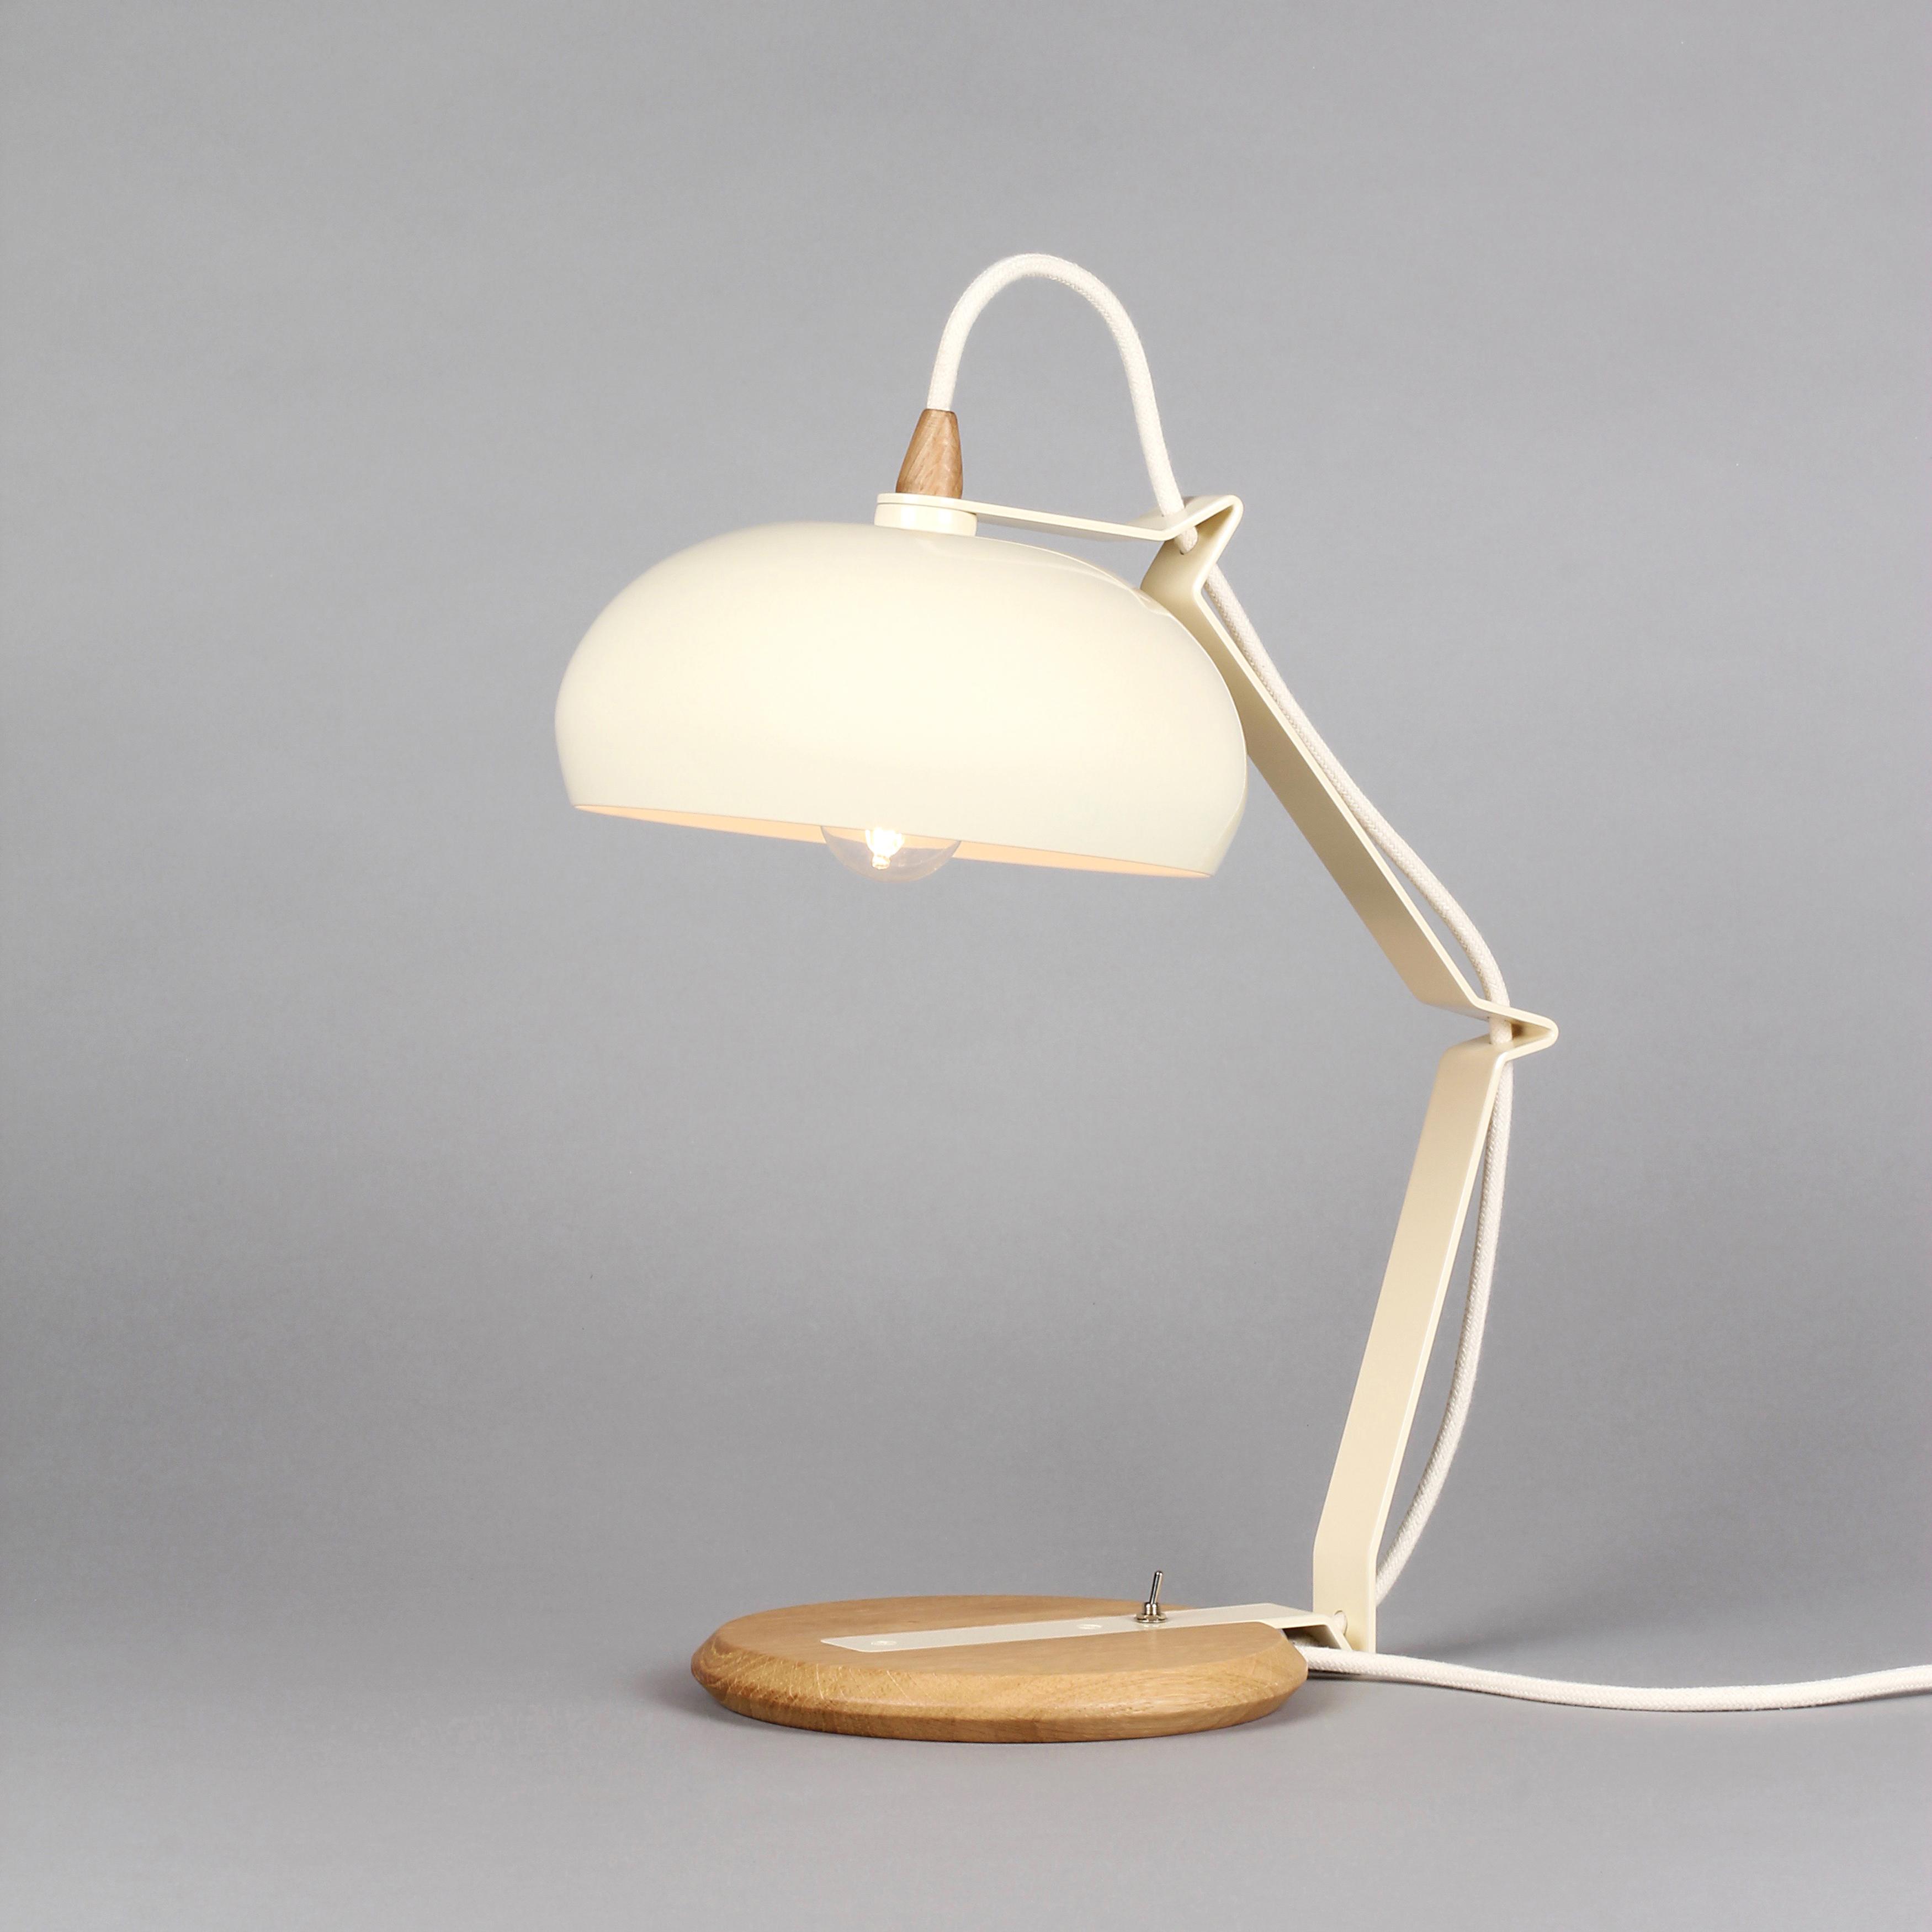 Rhoda tbs ivoire naturel blanc lampari - Blanc comme l ivoire ...